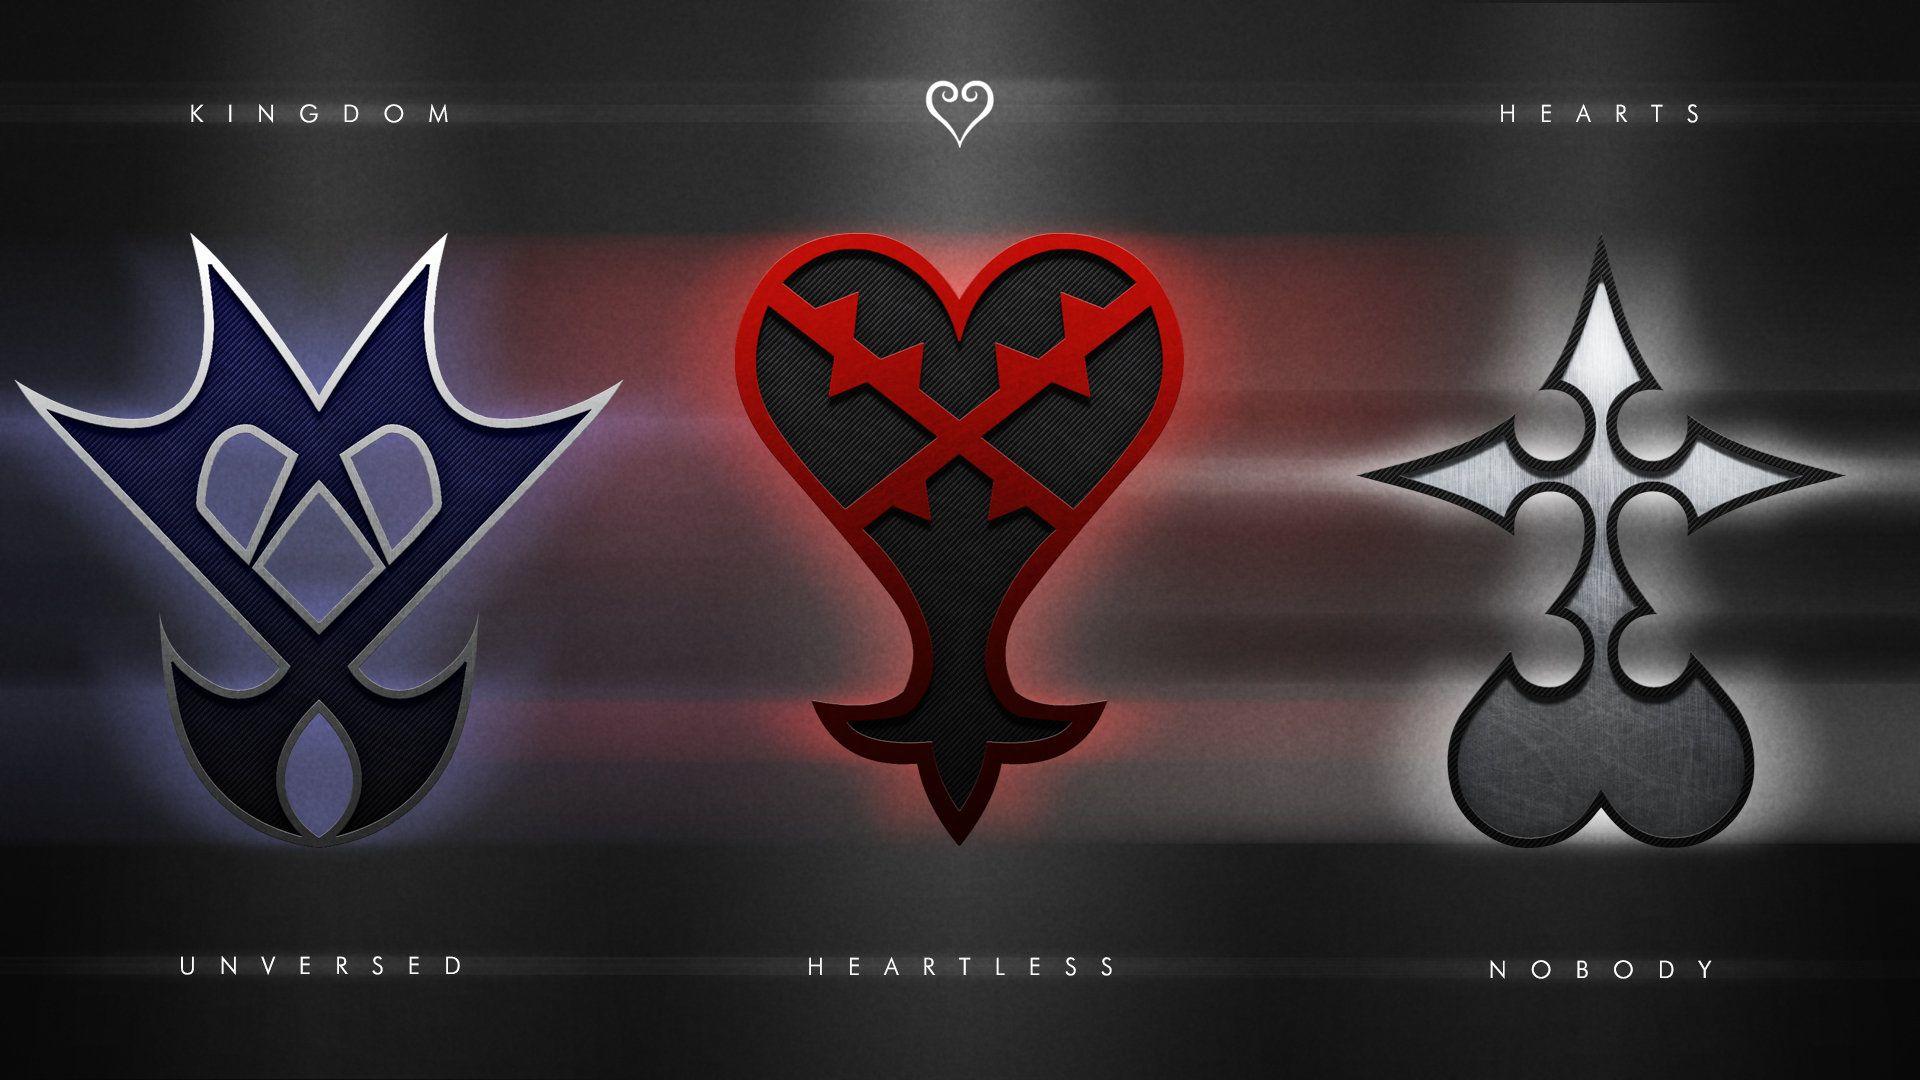 Kingdom Hearts Emblems Wallpaper by PencilXPaper